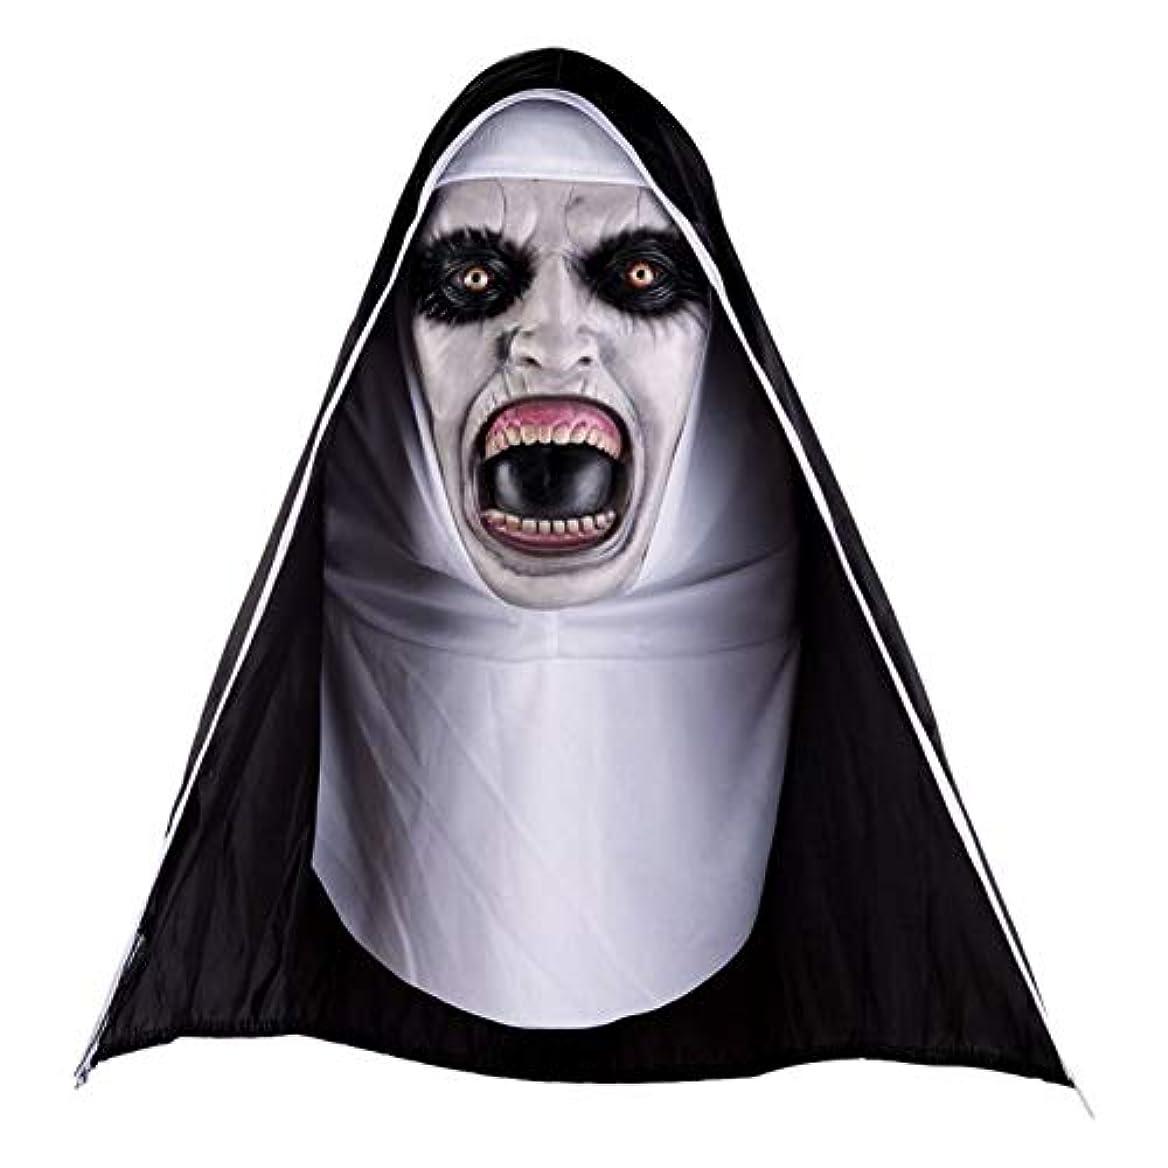 高価な挽くディスコEsolom ハロウィーンの怖いマスク ラテックス修道女マスク フルフェイスカバレッジ フード付き 大人と子供のロールプレイング いたずら小道具